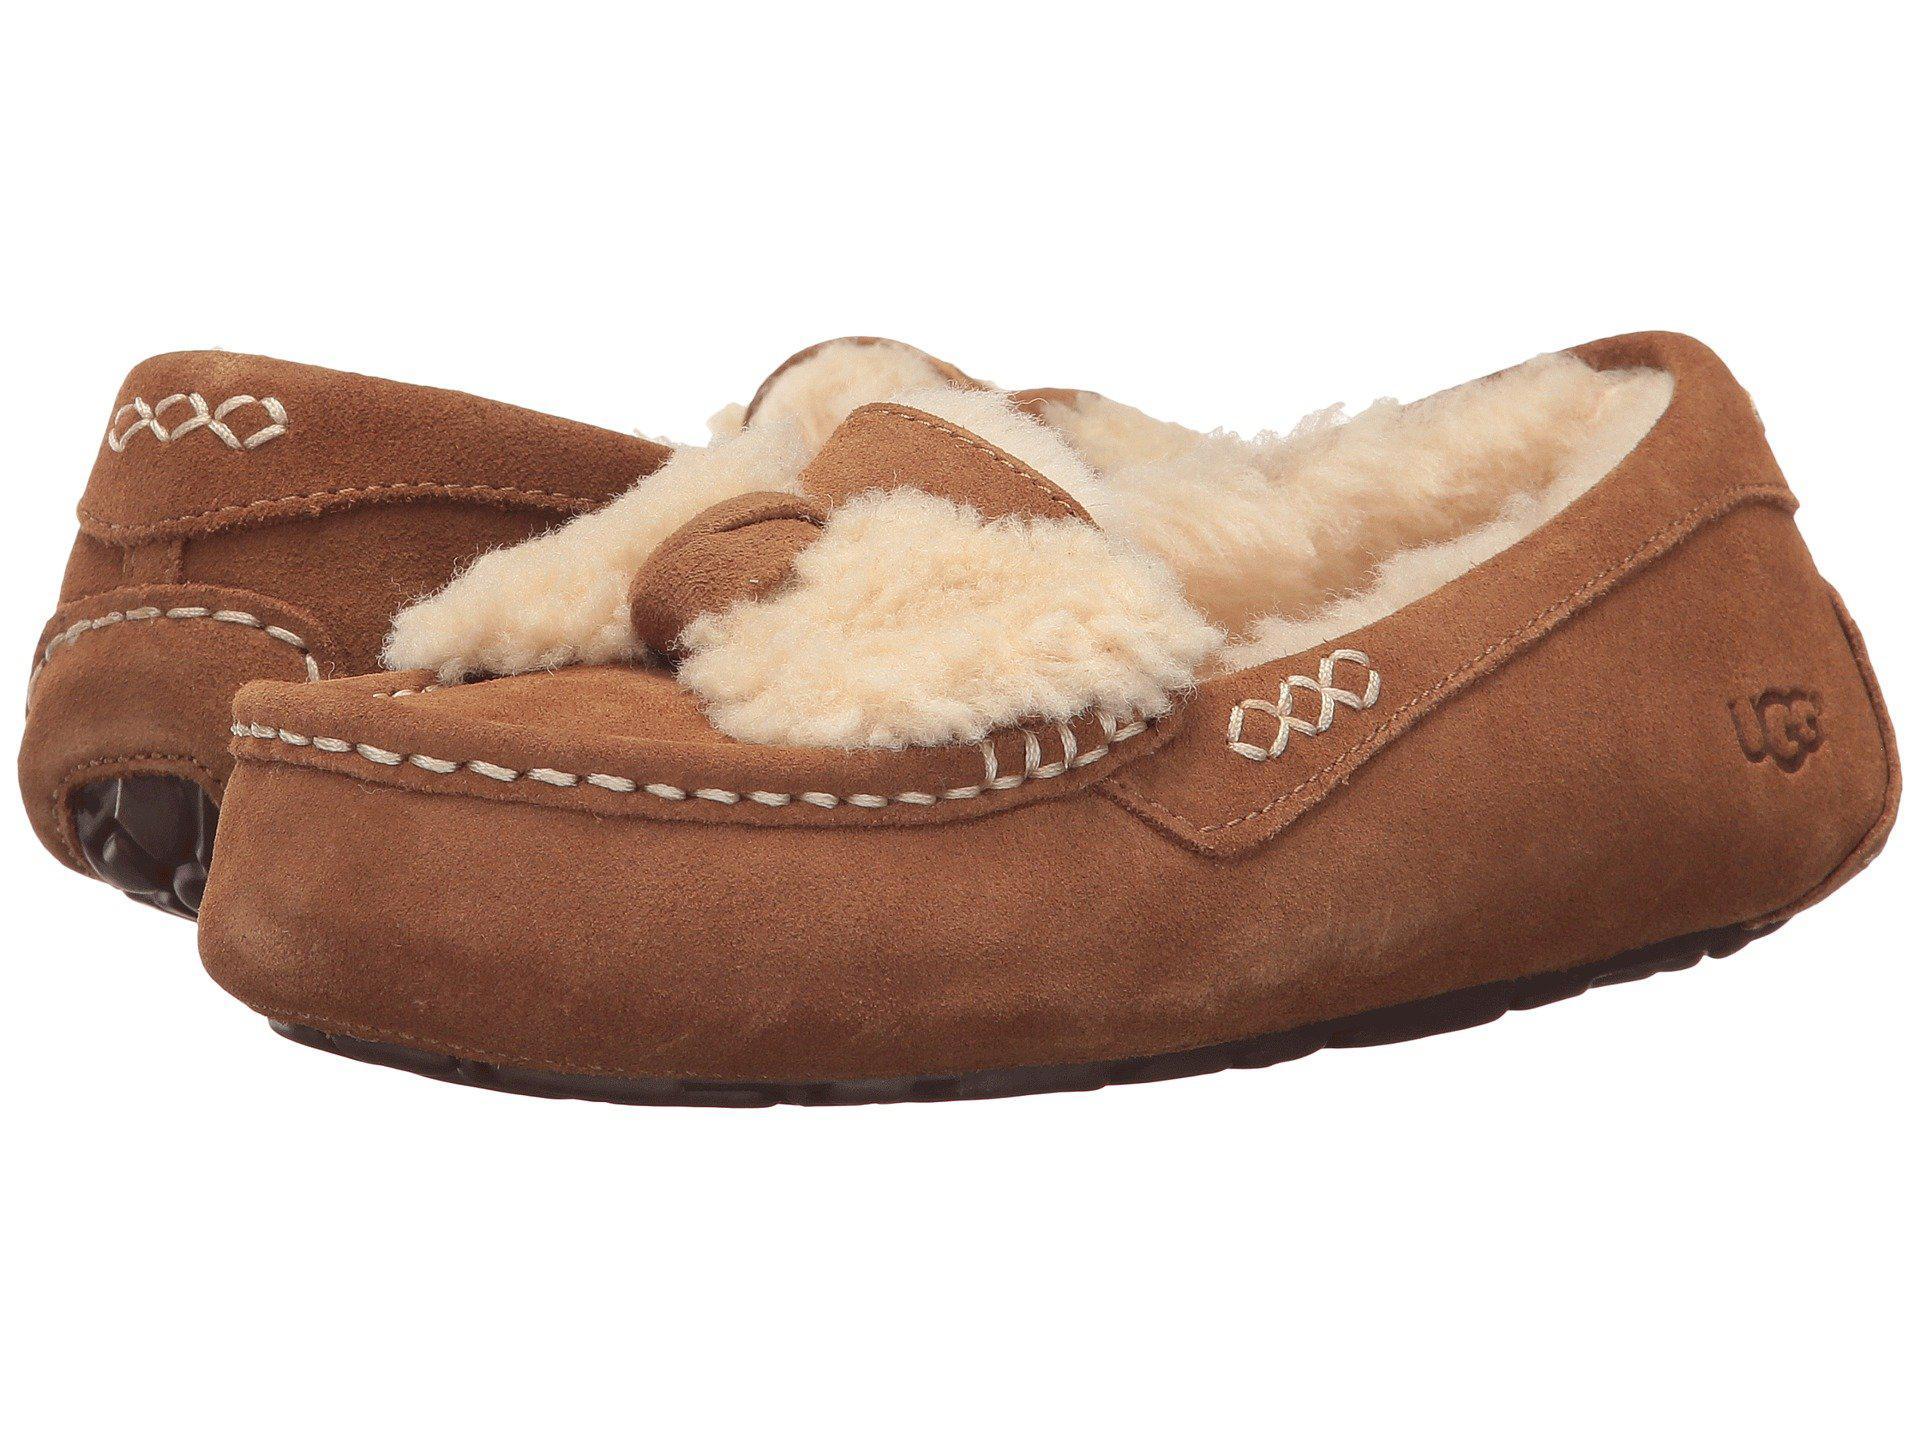 34755e4b743 Ugg Ansley Fur Bow Slippers - Image Skirt and Slipper Imagepv.co